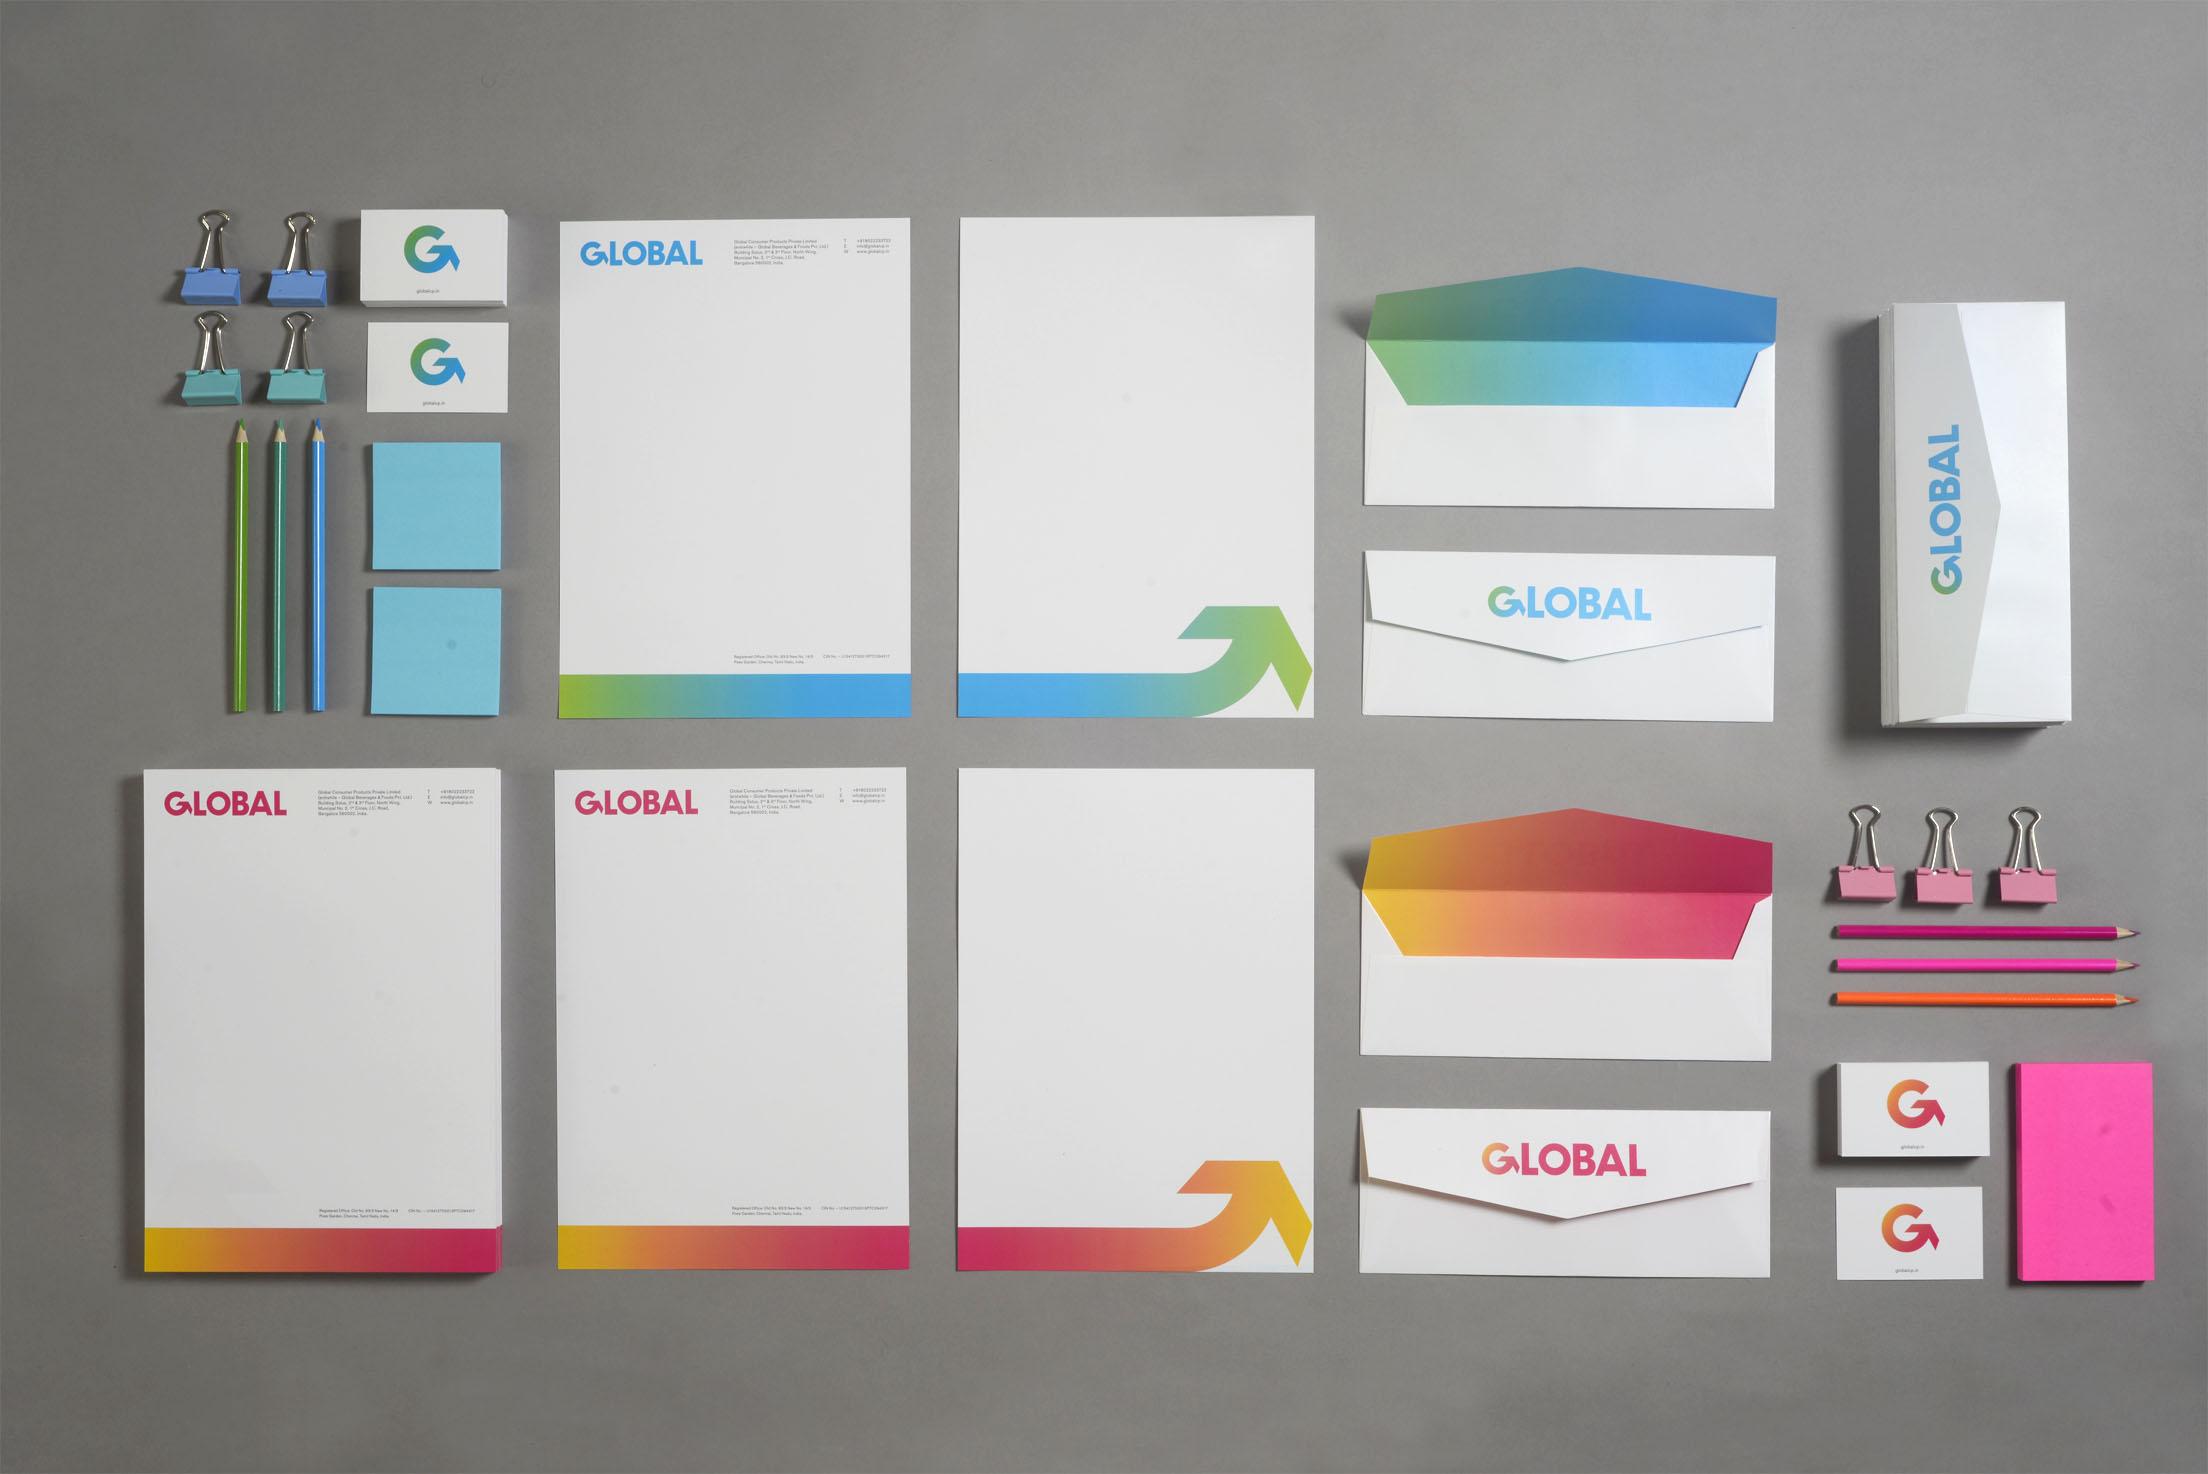 Global_4